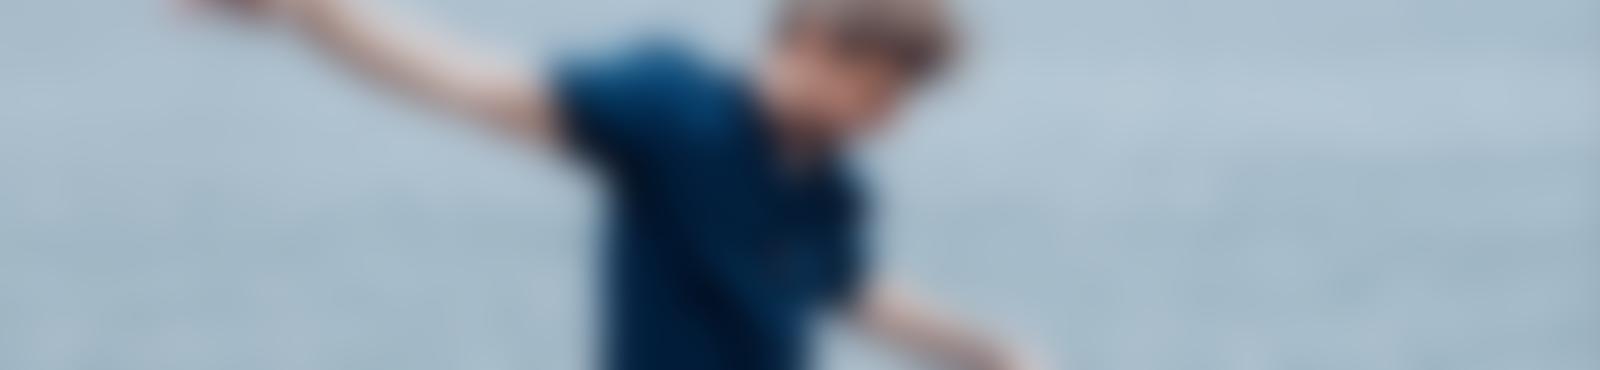 Blurred 3c3f3390 43db 4c75 8d69 3c08e0707cd5